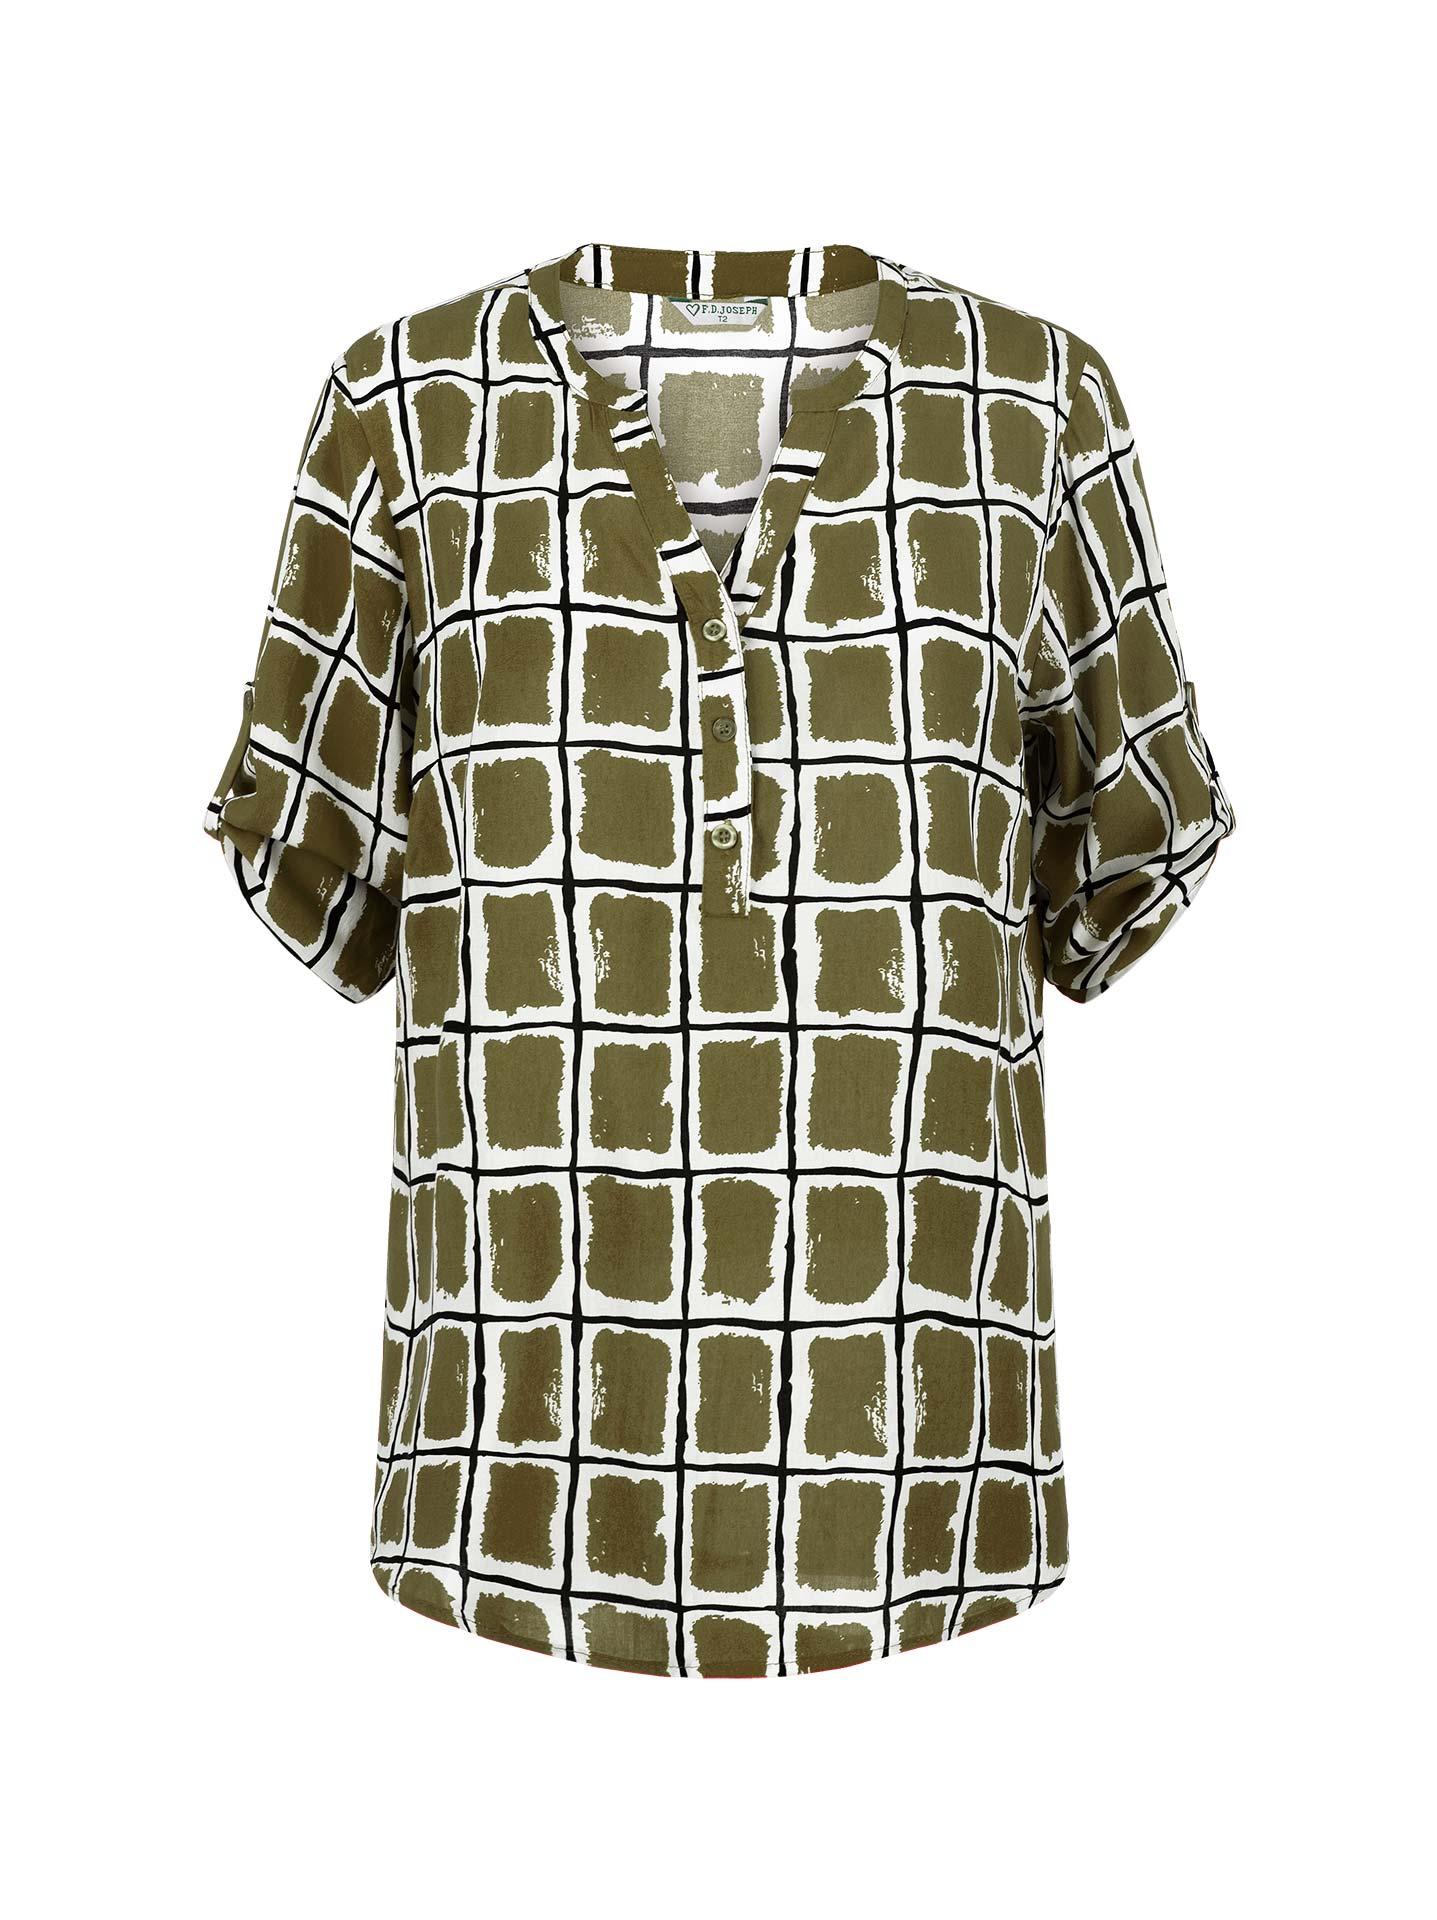 6df817680f36 Εμπριμέ μπλούζα σε χακι